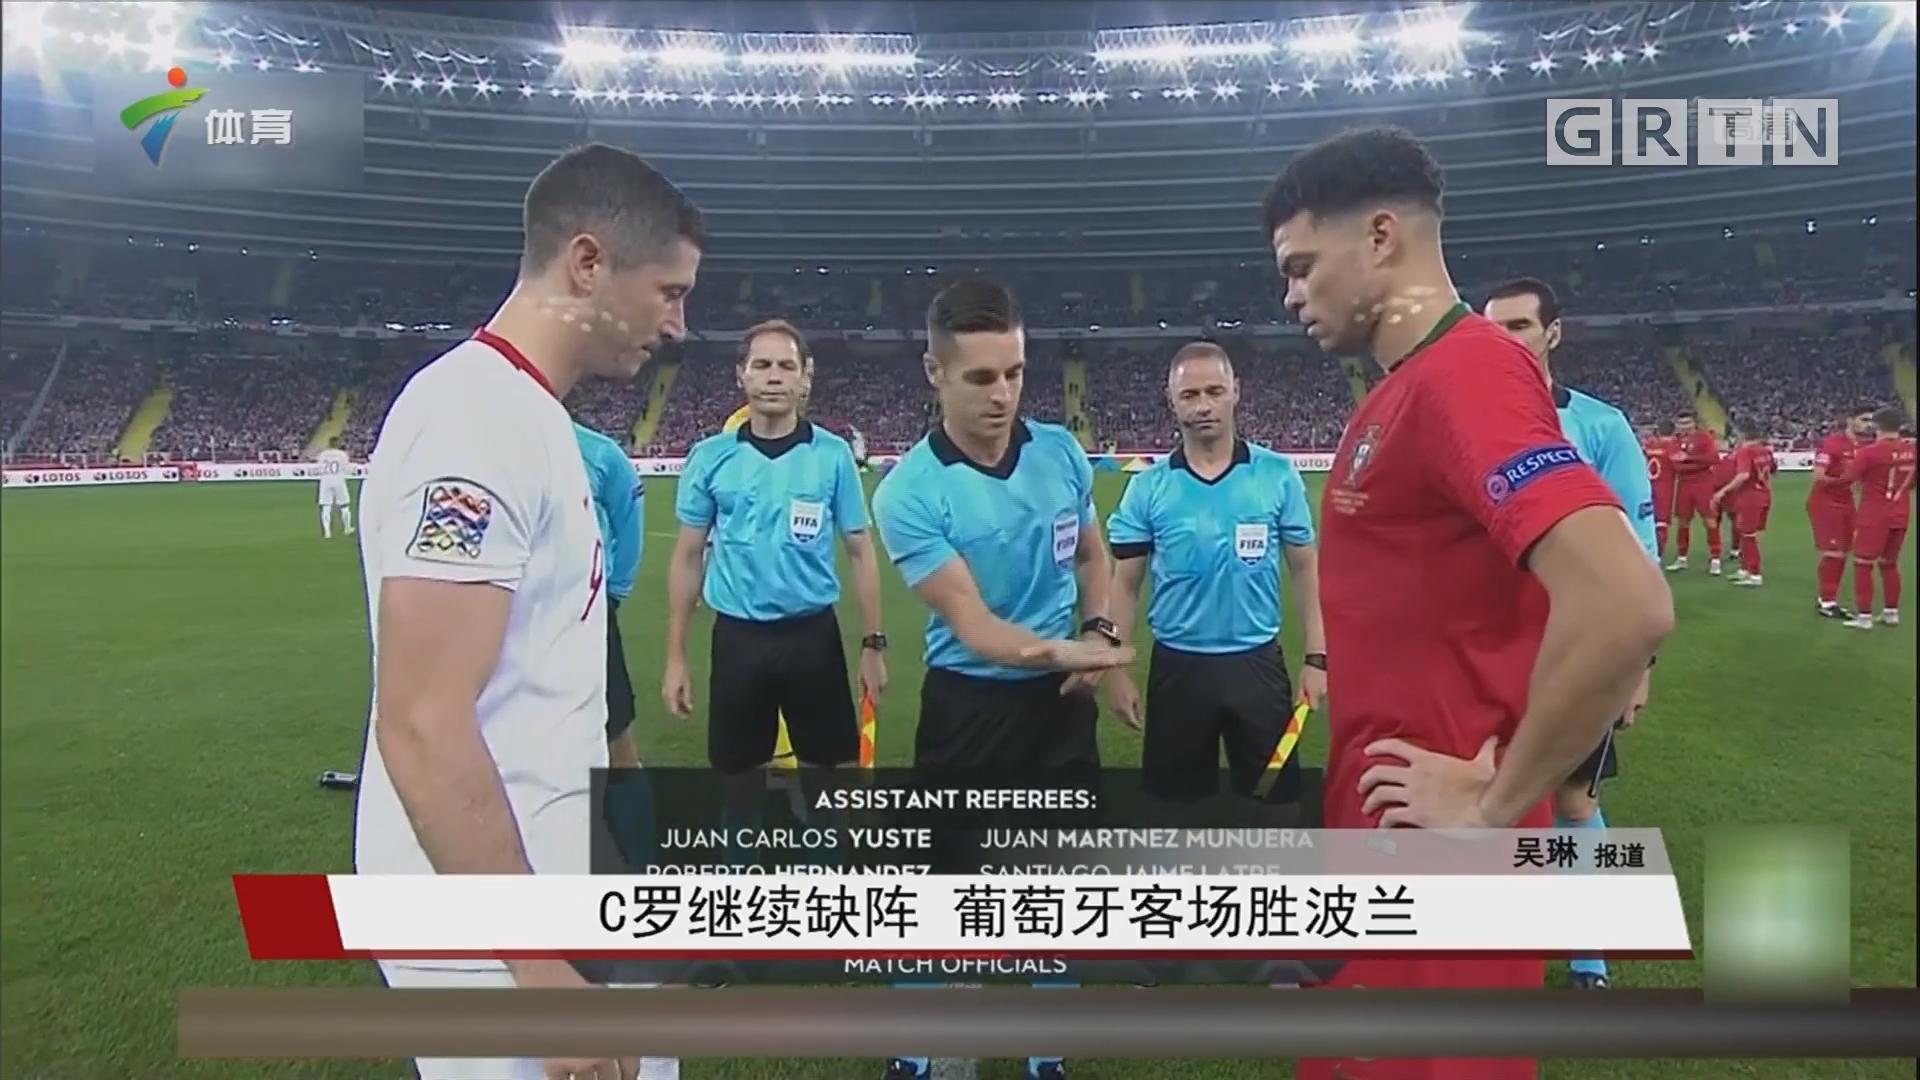 C罗继续缺阵 葡萄牙客场胜波兰